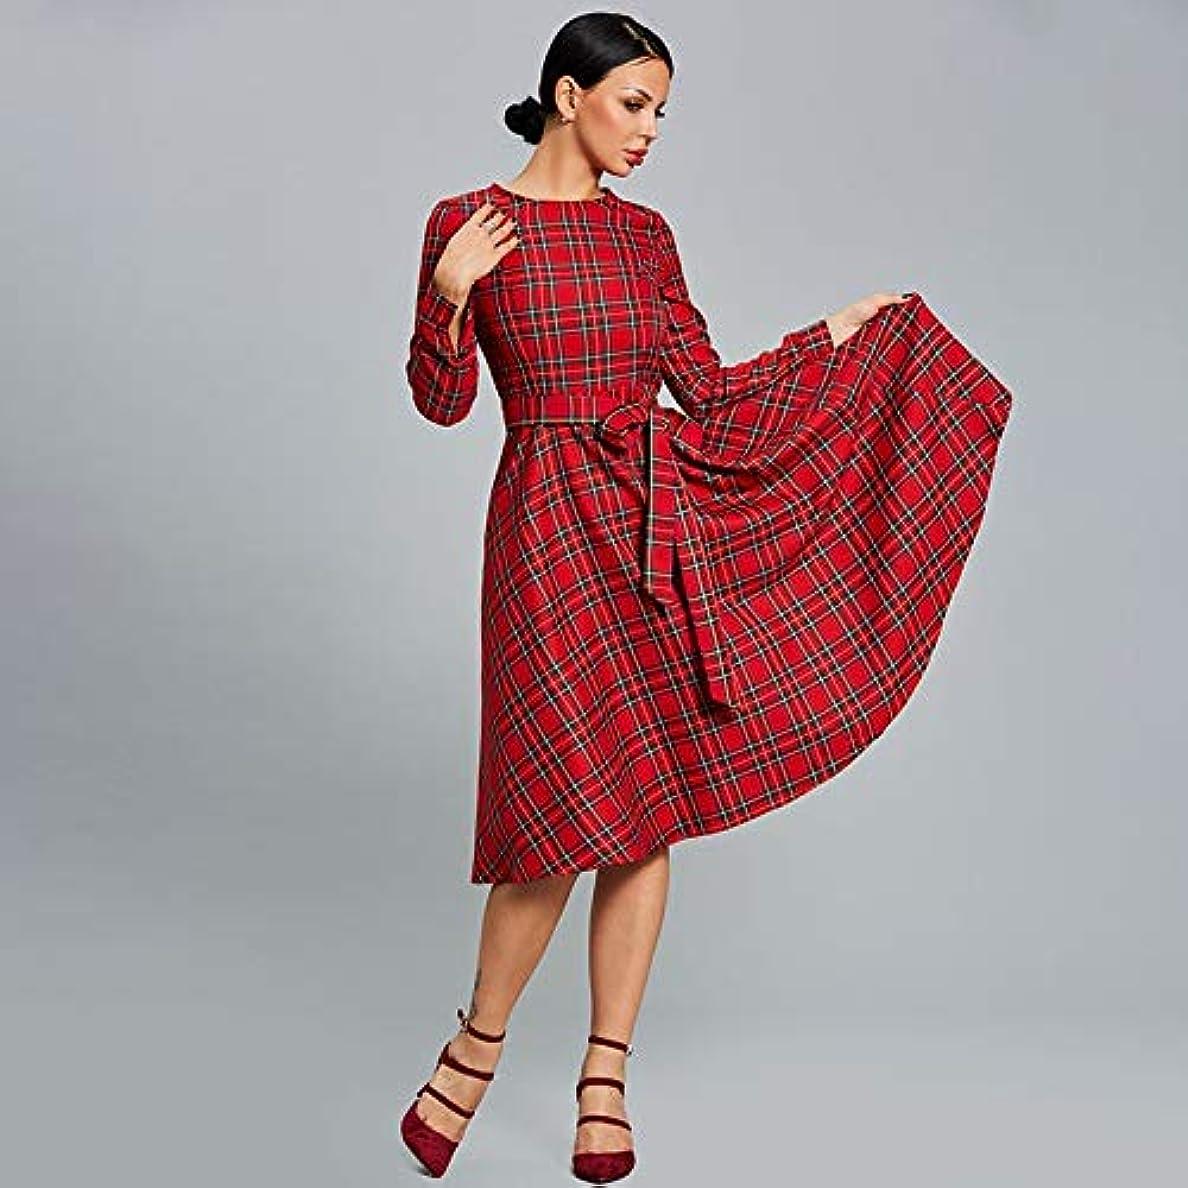 続けるミスペンド水を飲むOnderroa - 女性のドレス秋のタータンチェックレッドパーティードレスOネックロングスリーブパッチワークラインデー2018女性の厚いヴィンテージドレス